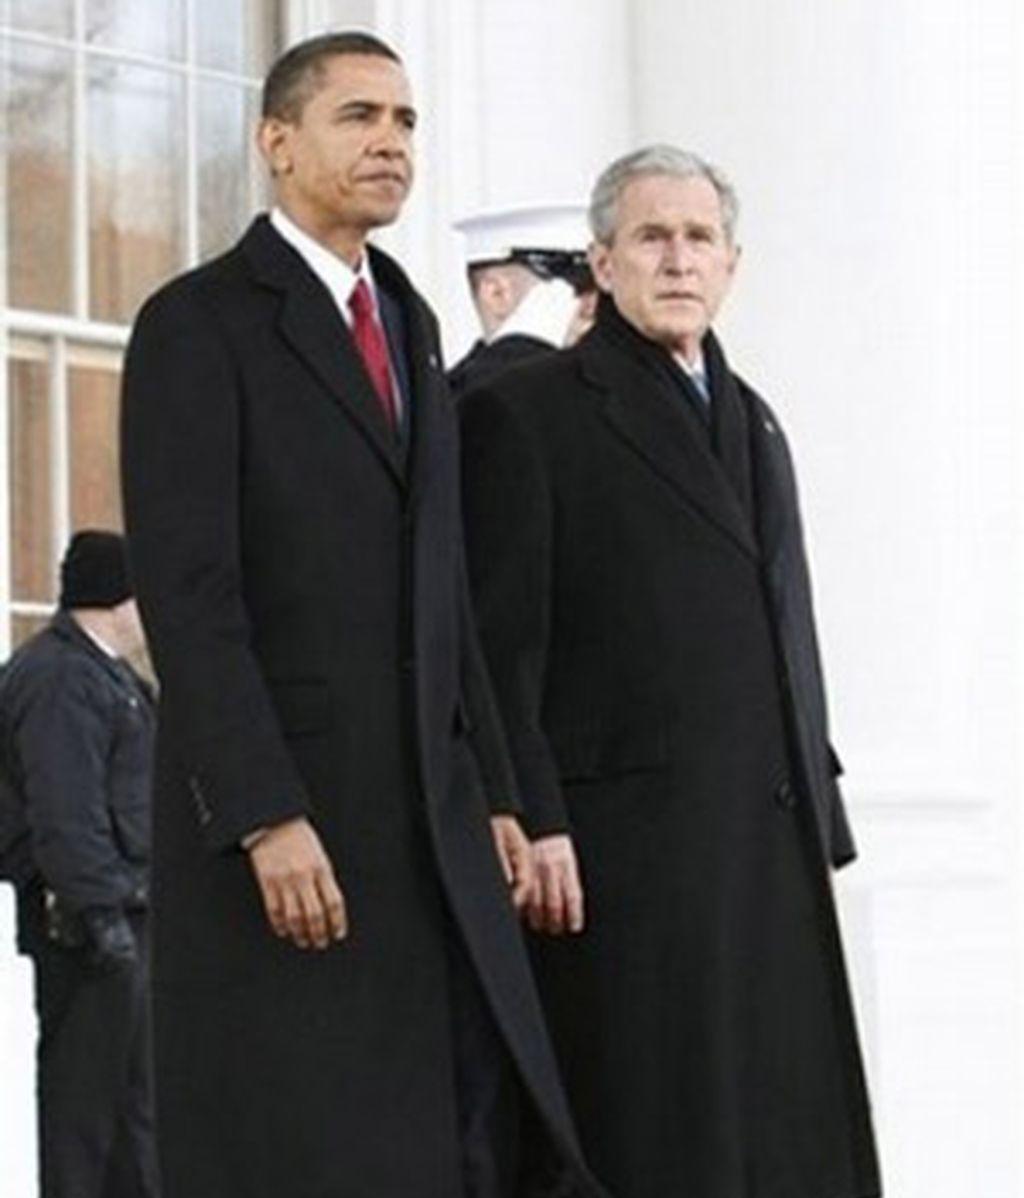 La hora de Obama